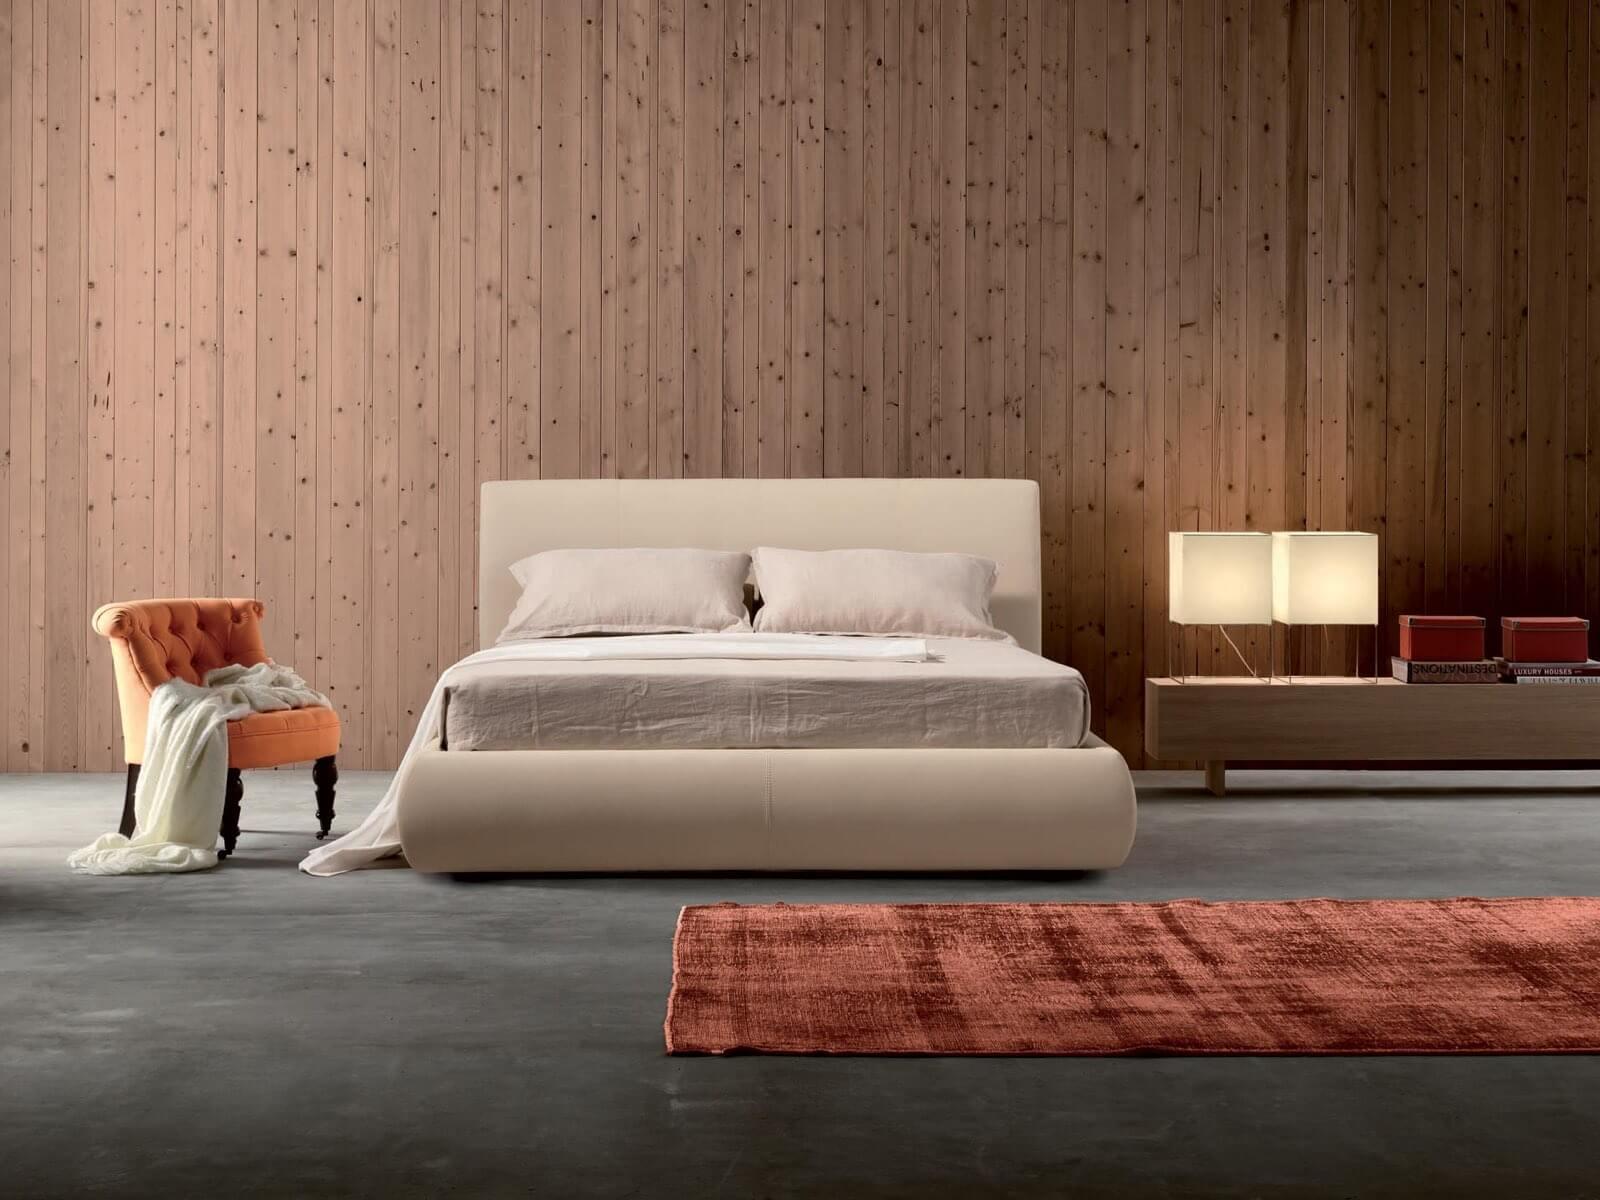 novaluna義大利進口床架寢具